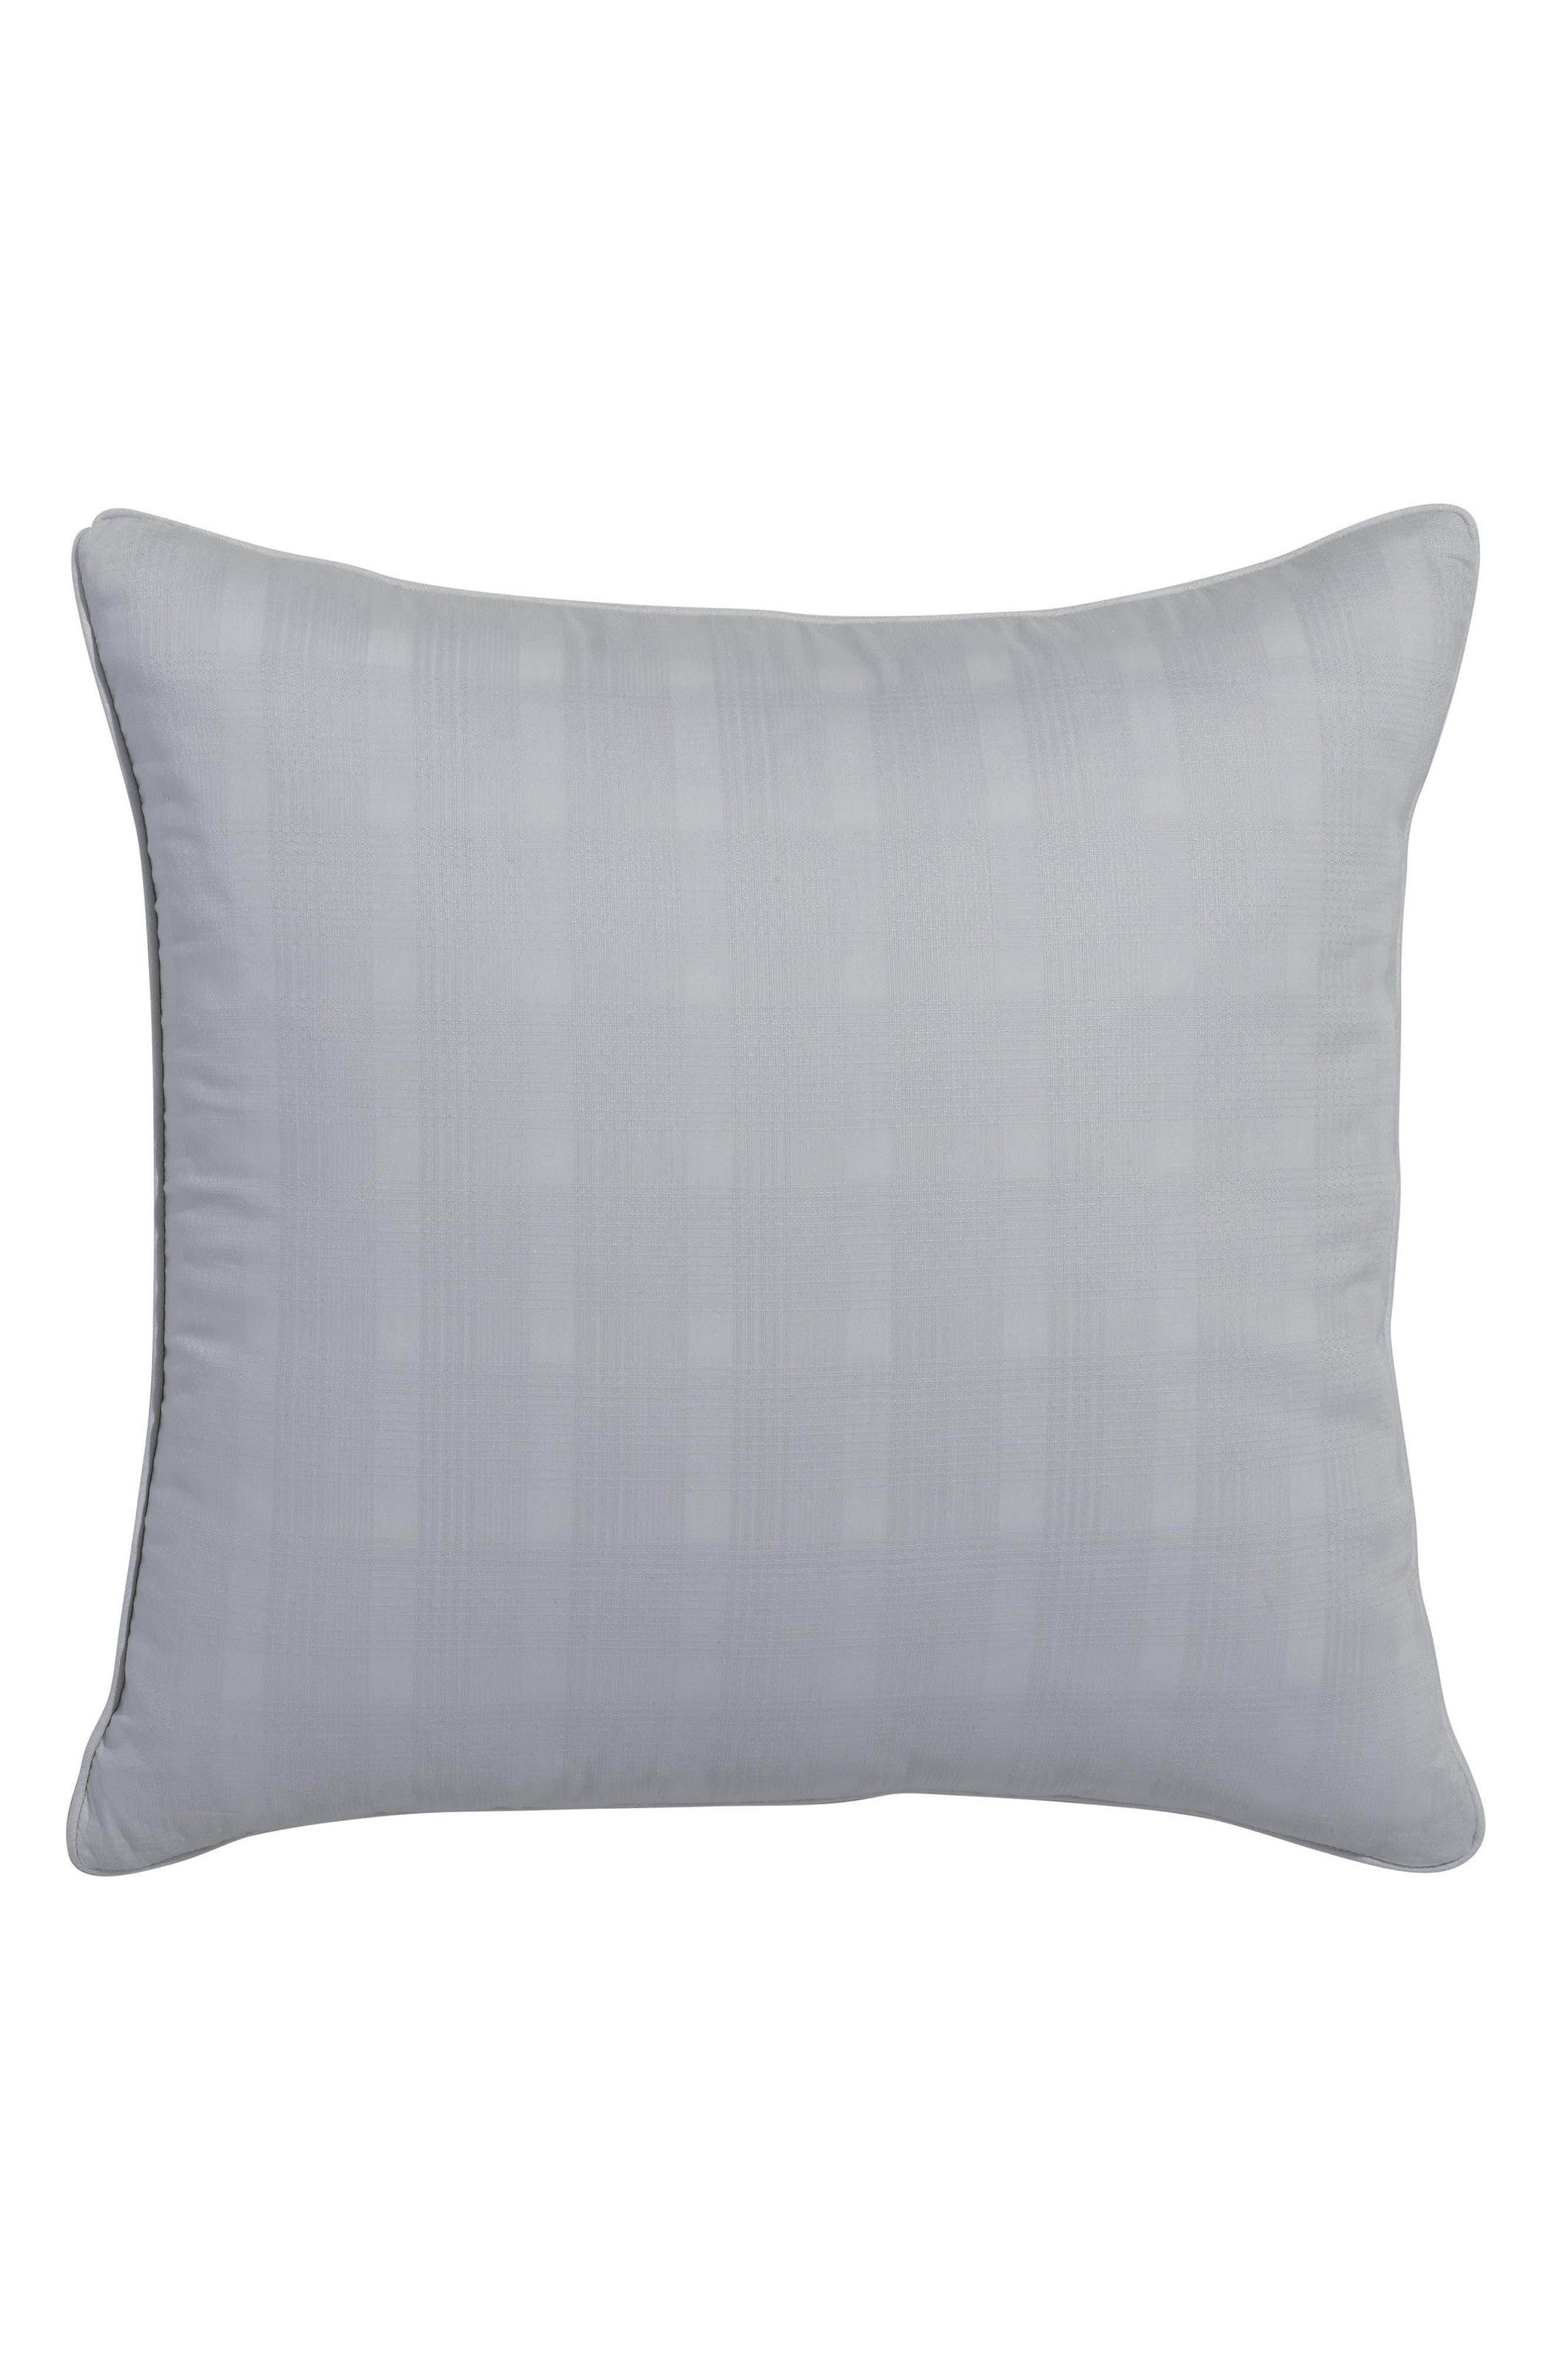 Glacier Bay Plaid Accent Pillow,                         Main,                         color,